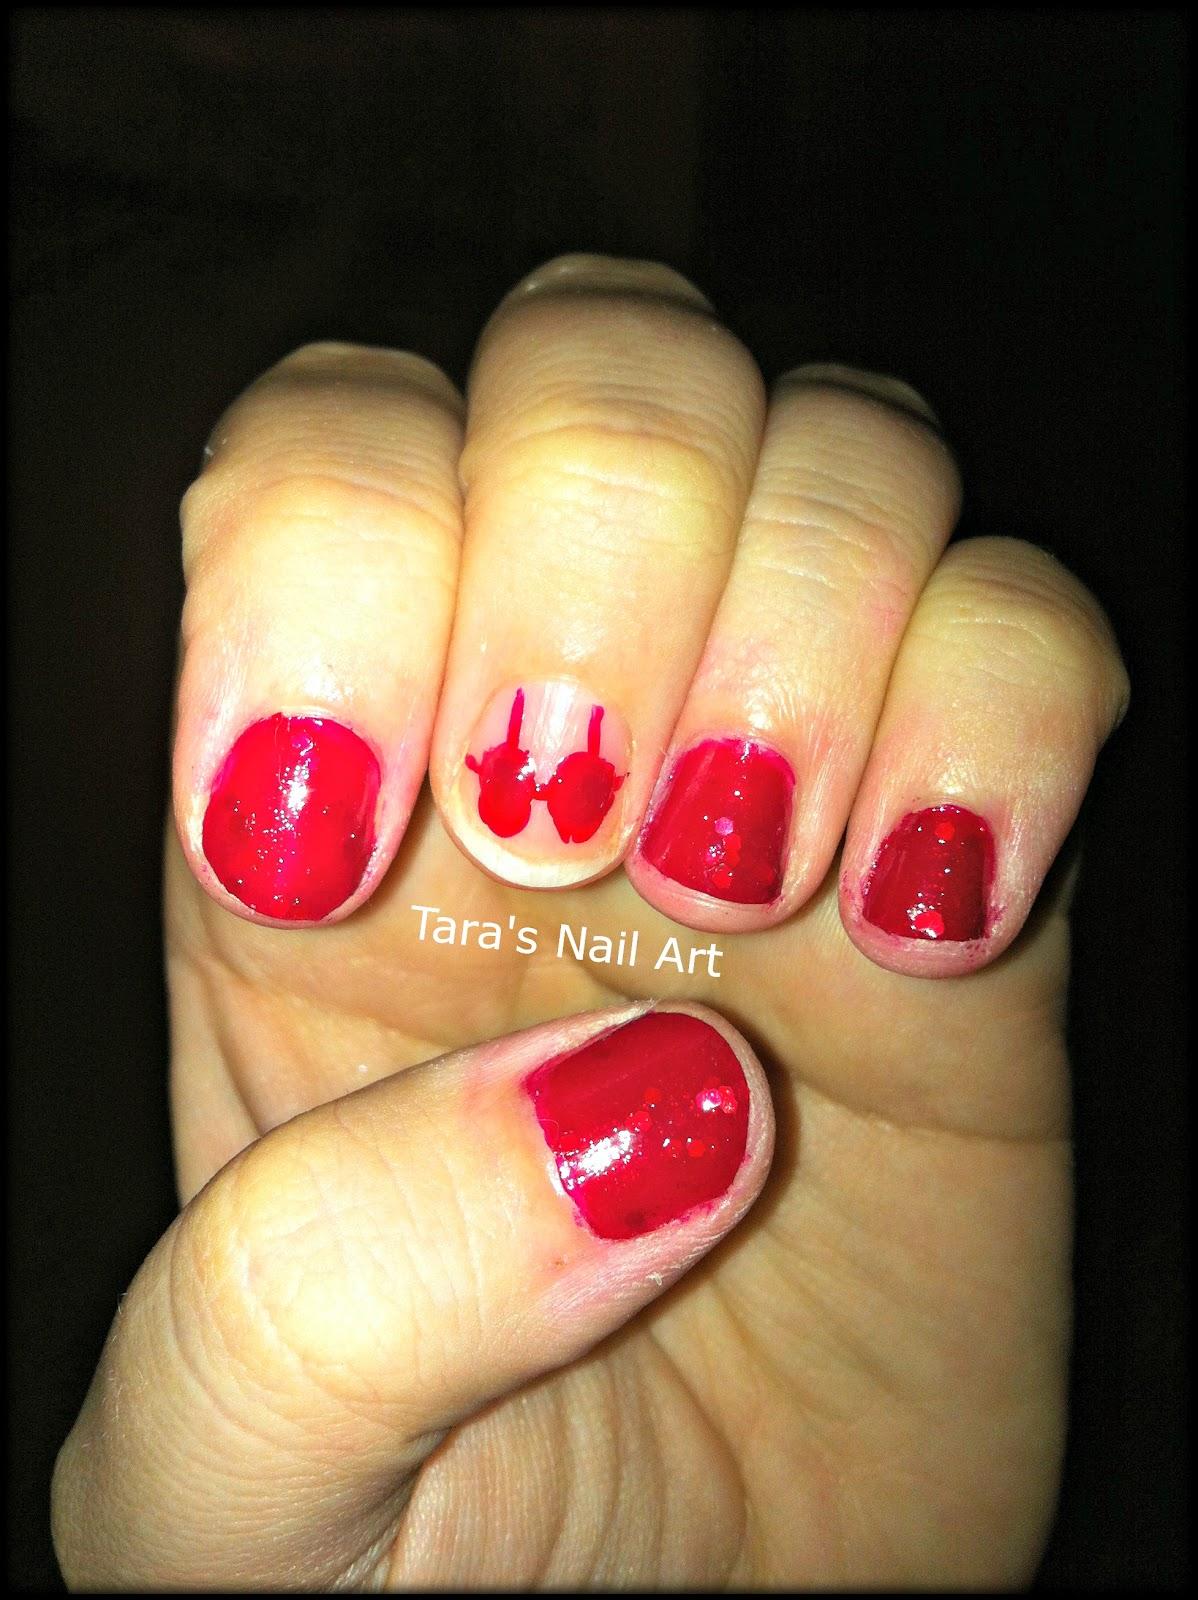 31dc2012 Day 10 Gradient Nails: Tara's Nail Art: 31DC2012: Day 01, Red Nails